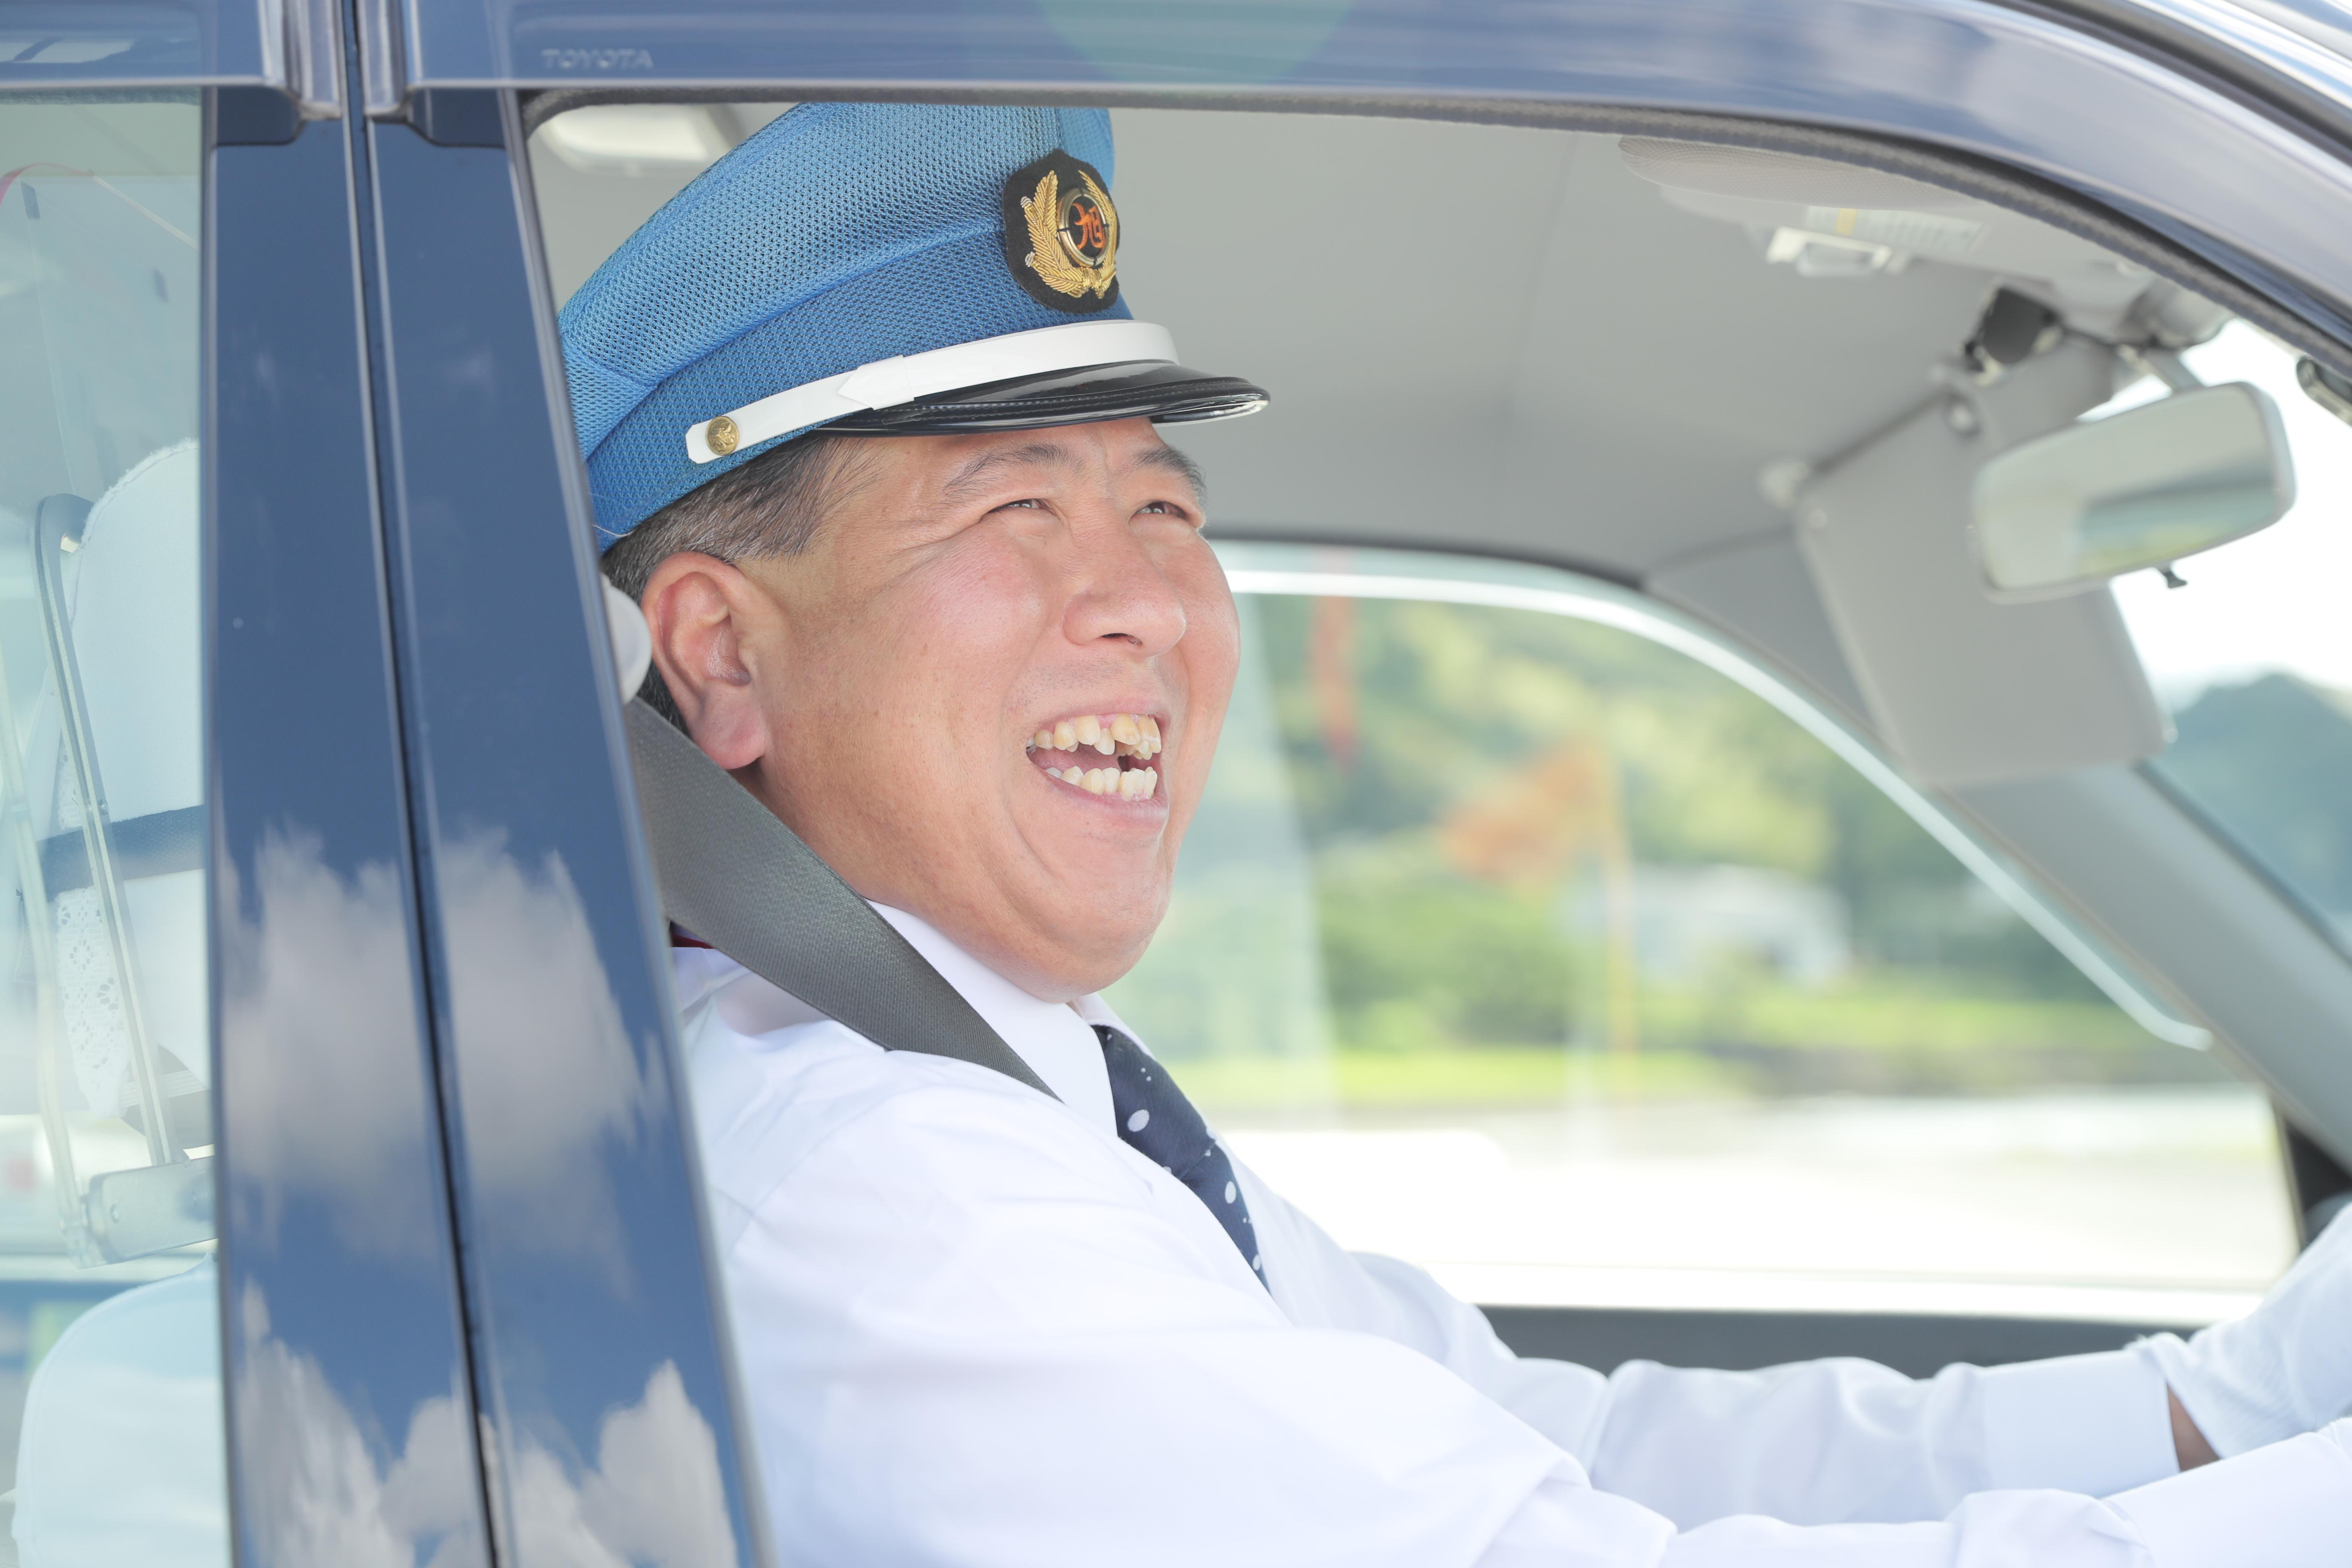 川内サービス係 谷本正作さん